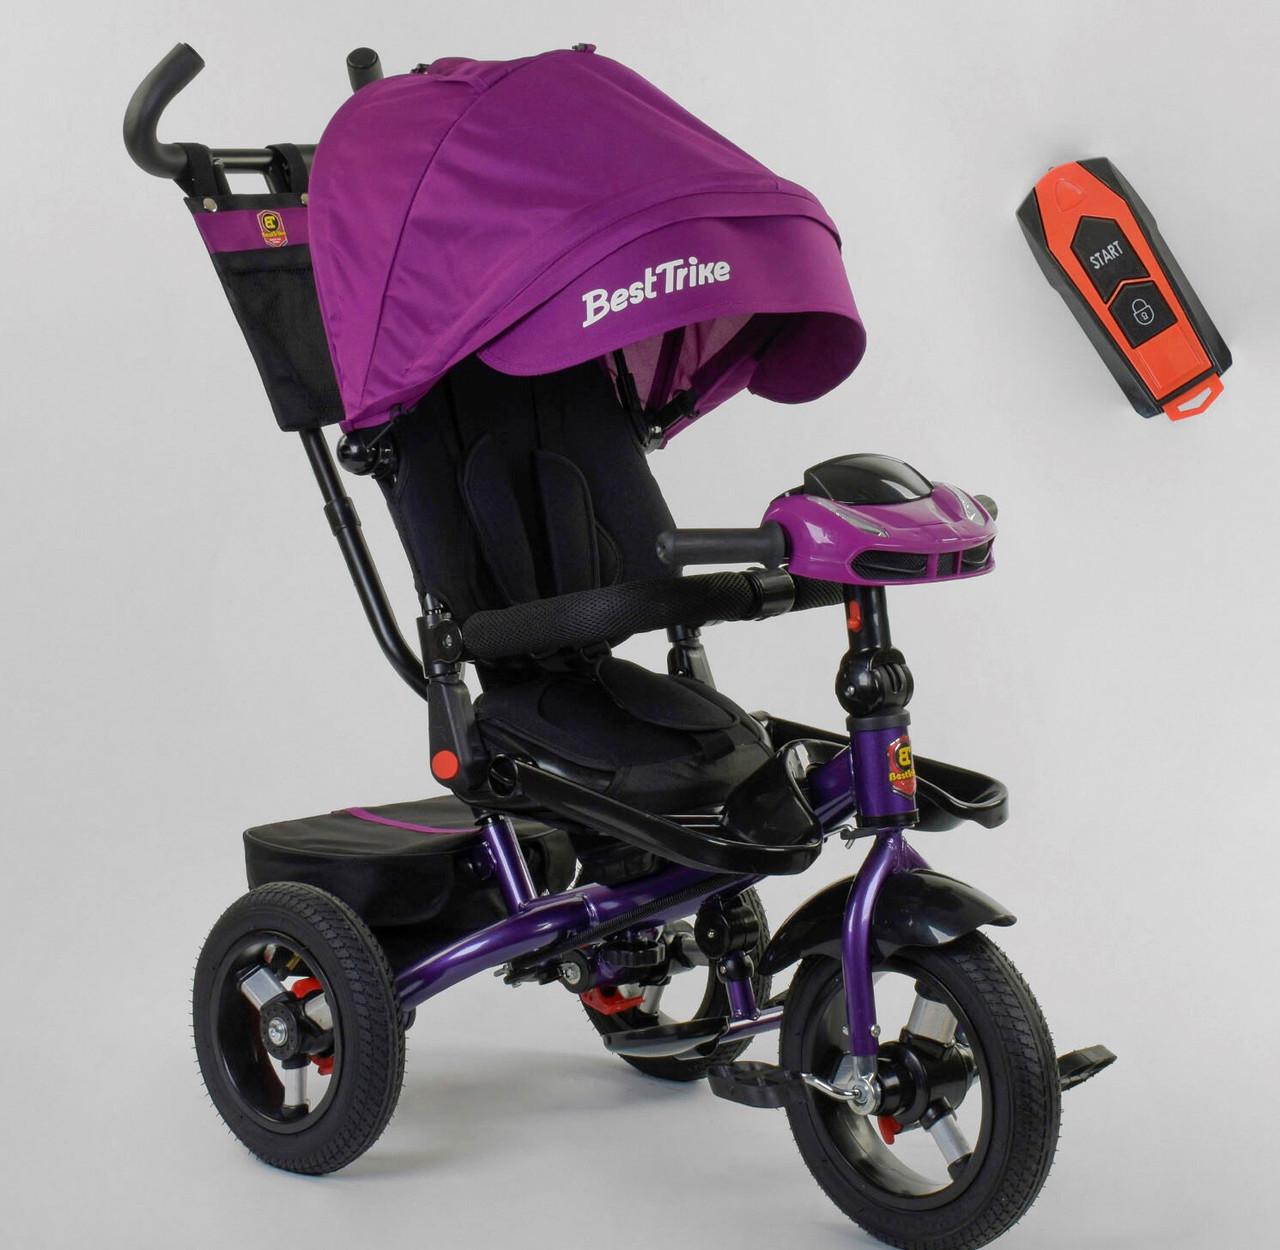 Велосипед трехколесный 6088 F - 01-570 Best Trike Гарантия качества Быстрая доставка